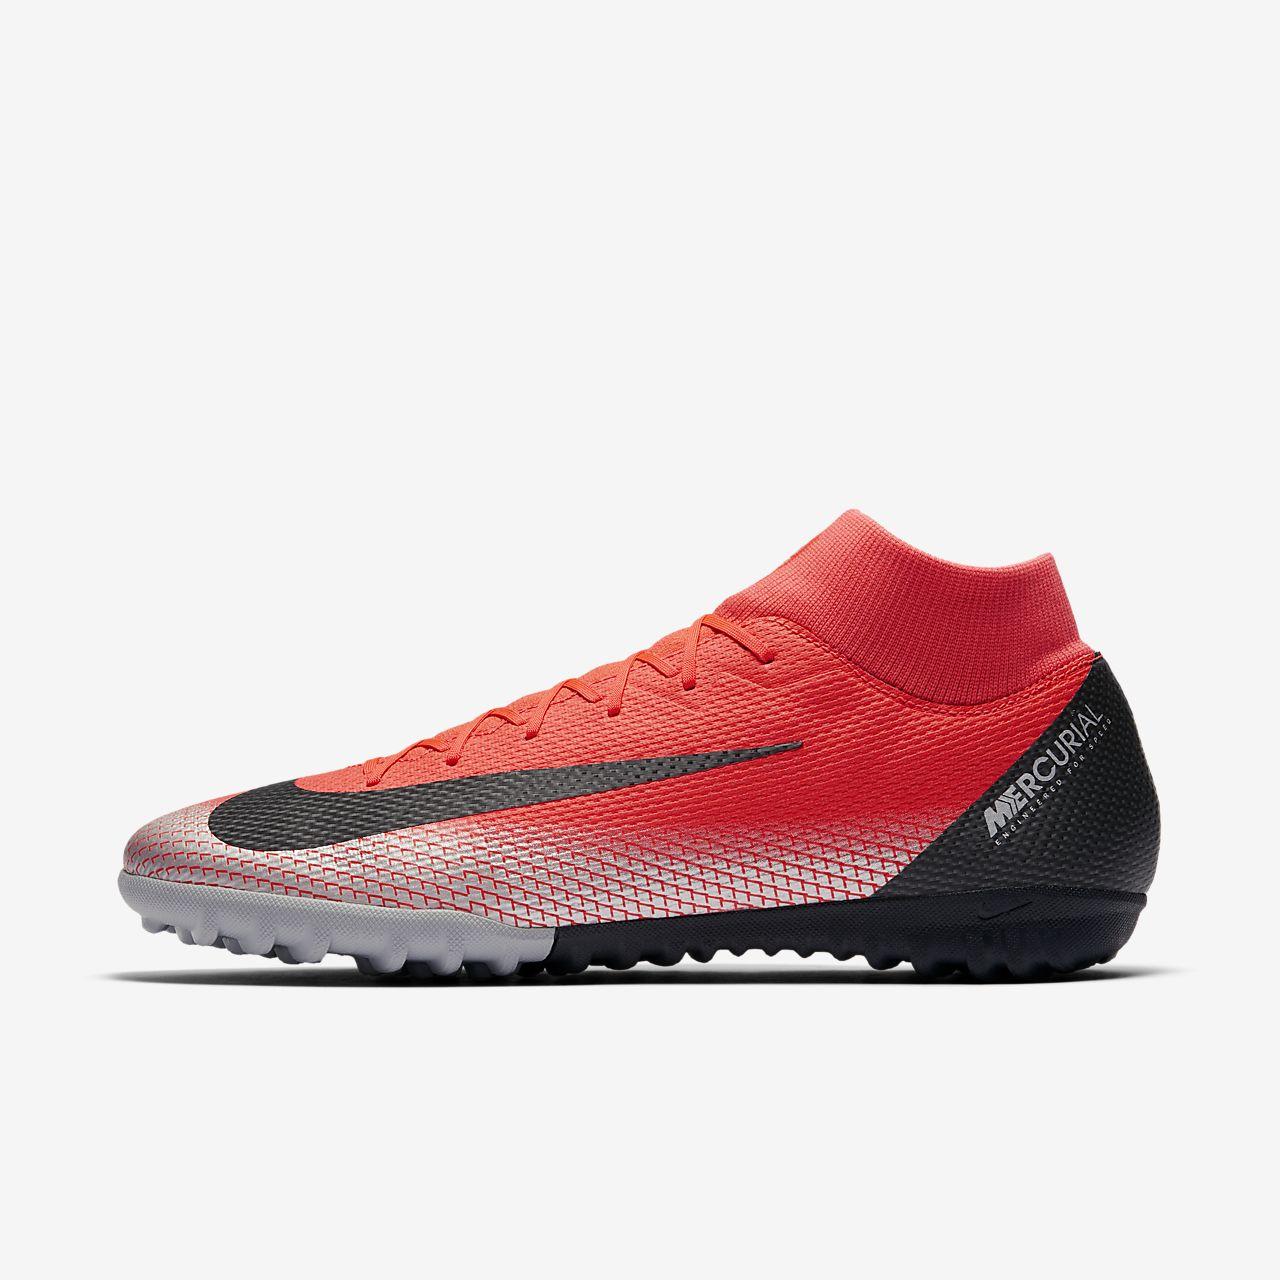 9e456090a3c9a Nike SuperflyX 6 Academy TF Turf Football Shoe. Nike.com NO